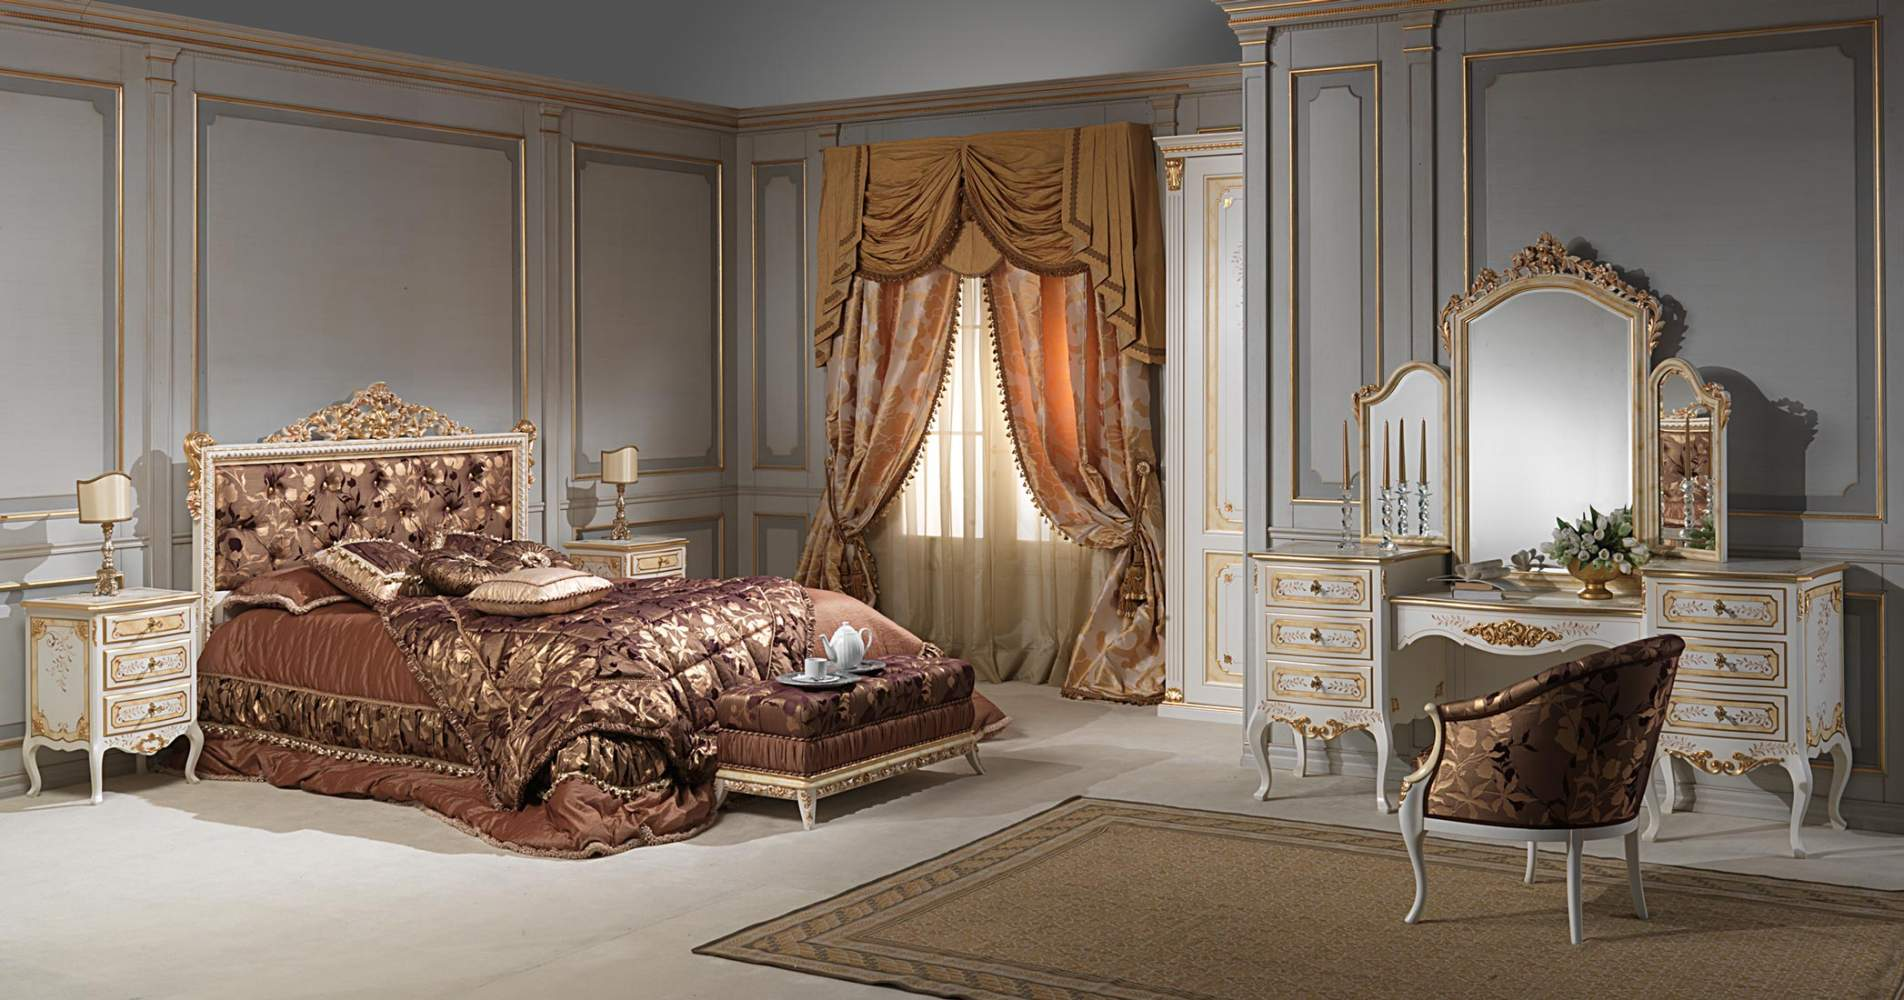 Camera da letto classica Louvre, arredo completo | Vimercati Meda